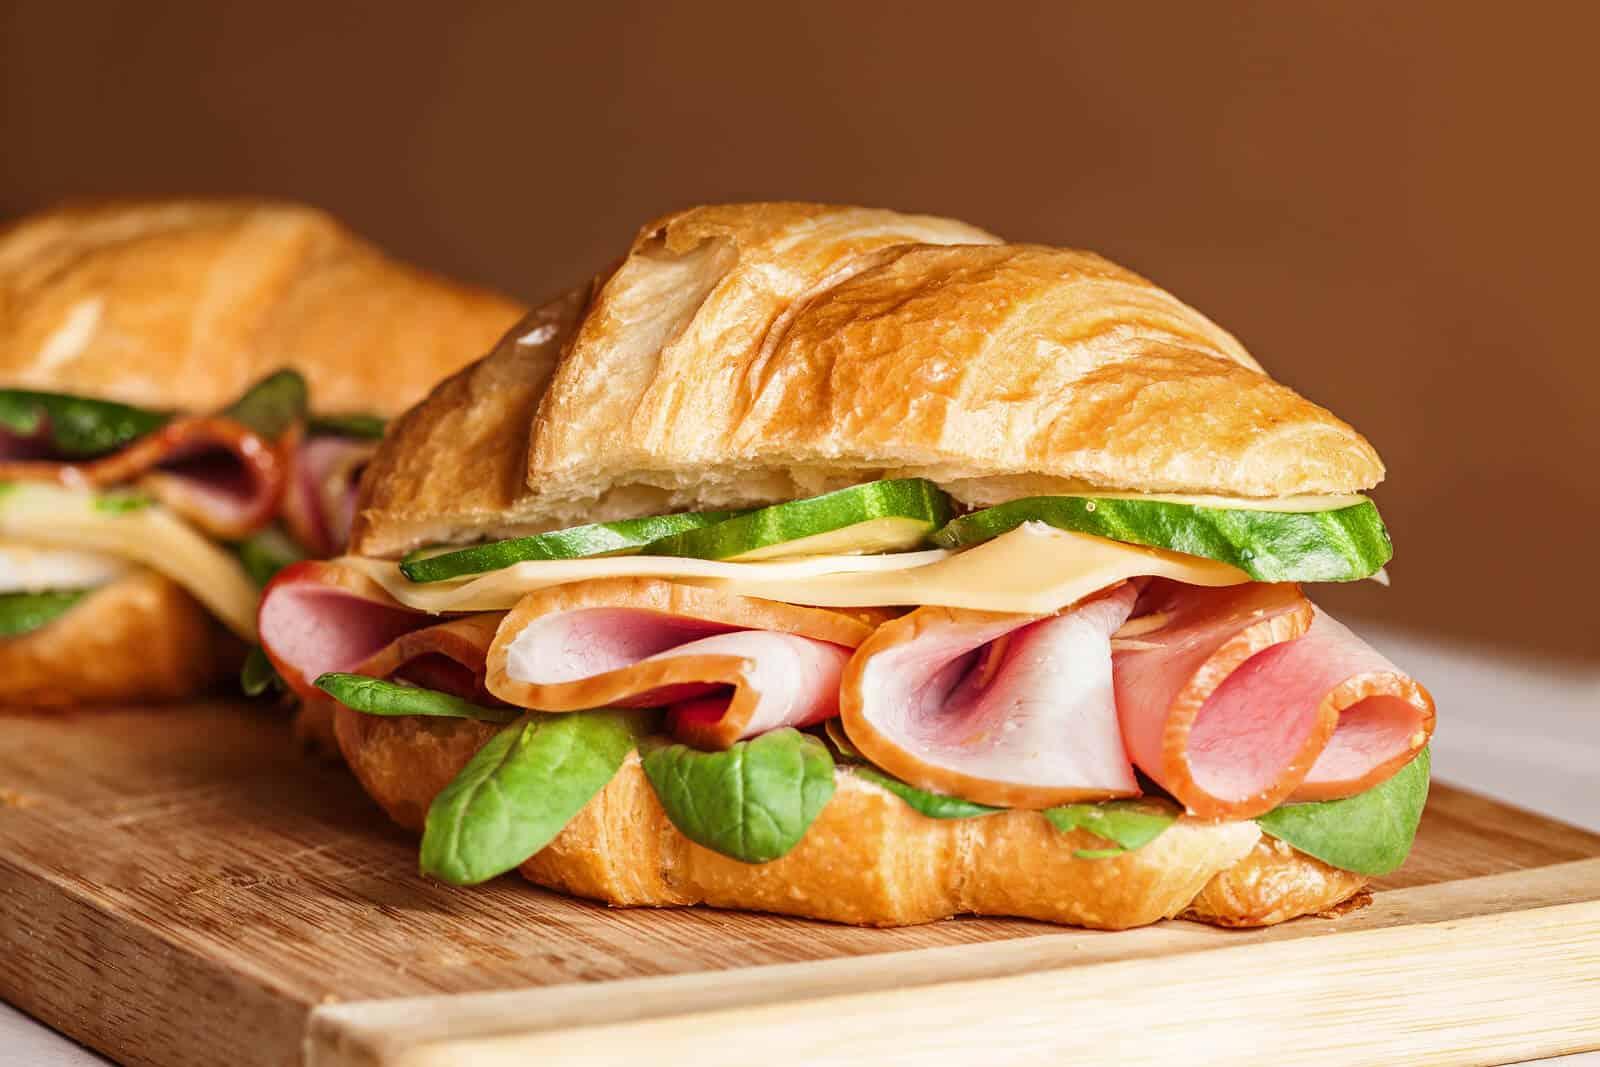 Delicious sandwich croissant